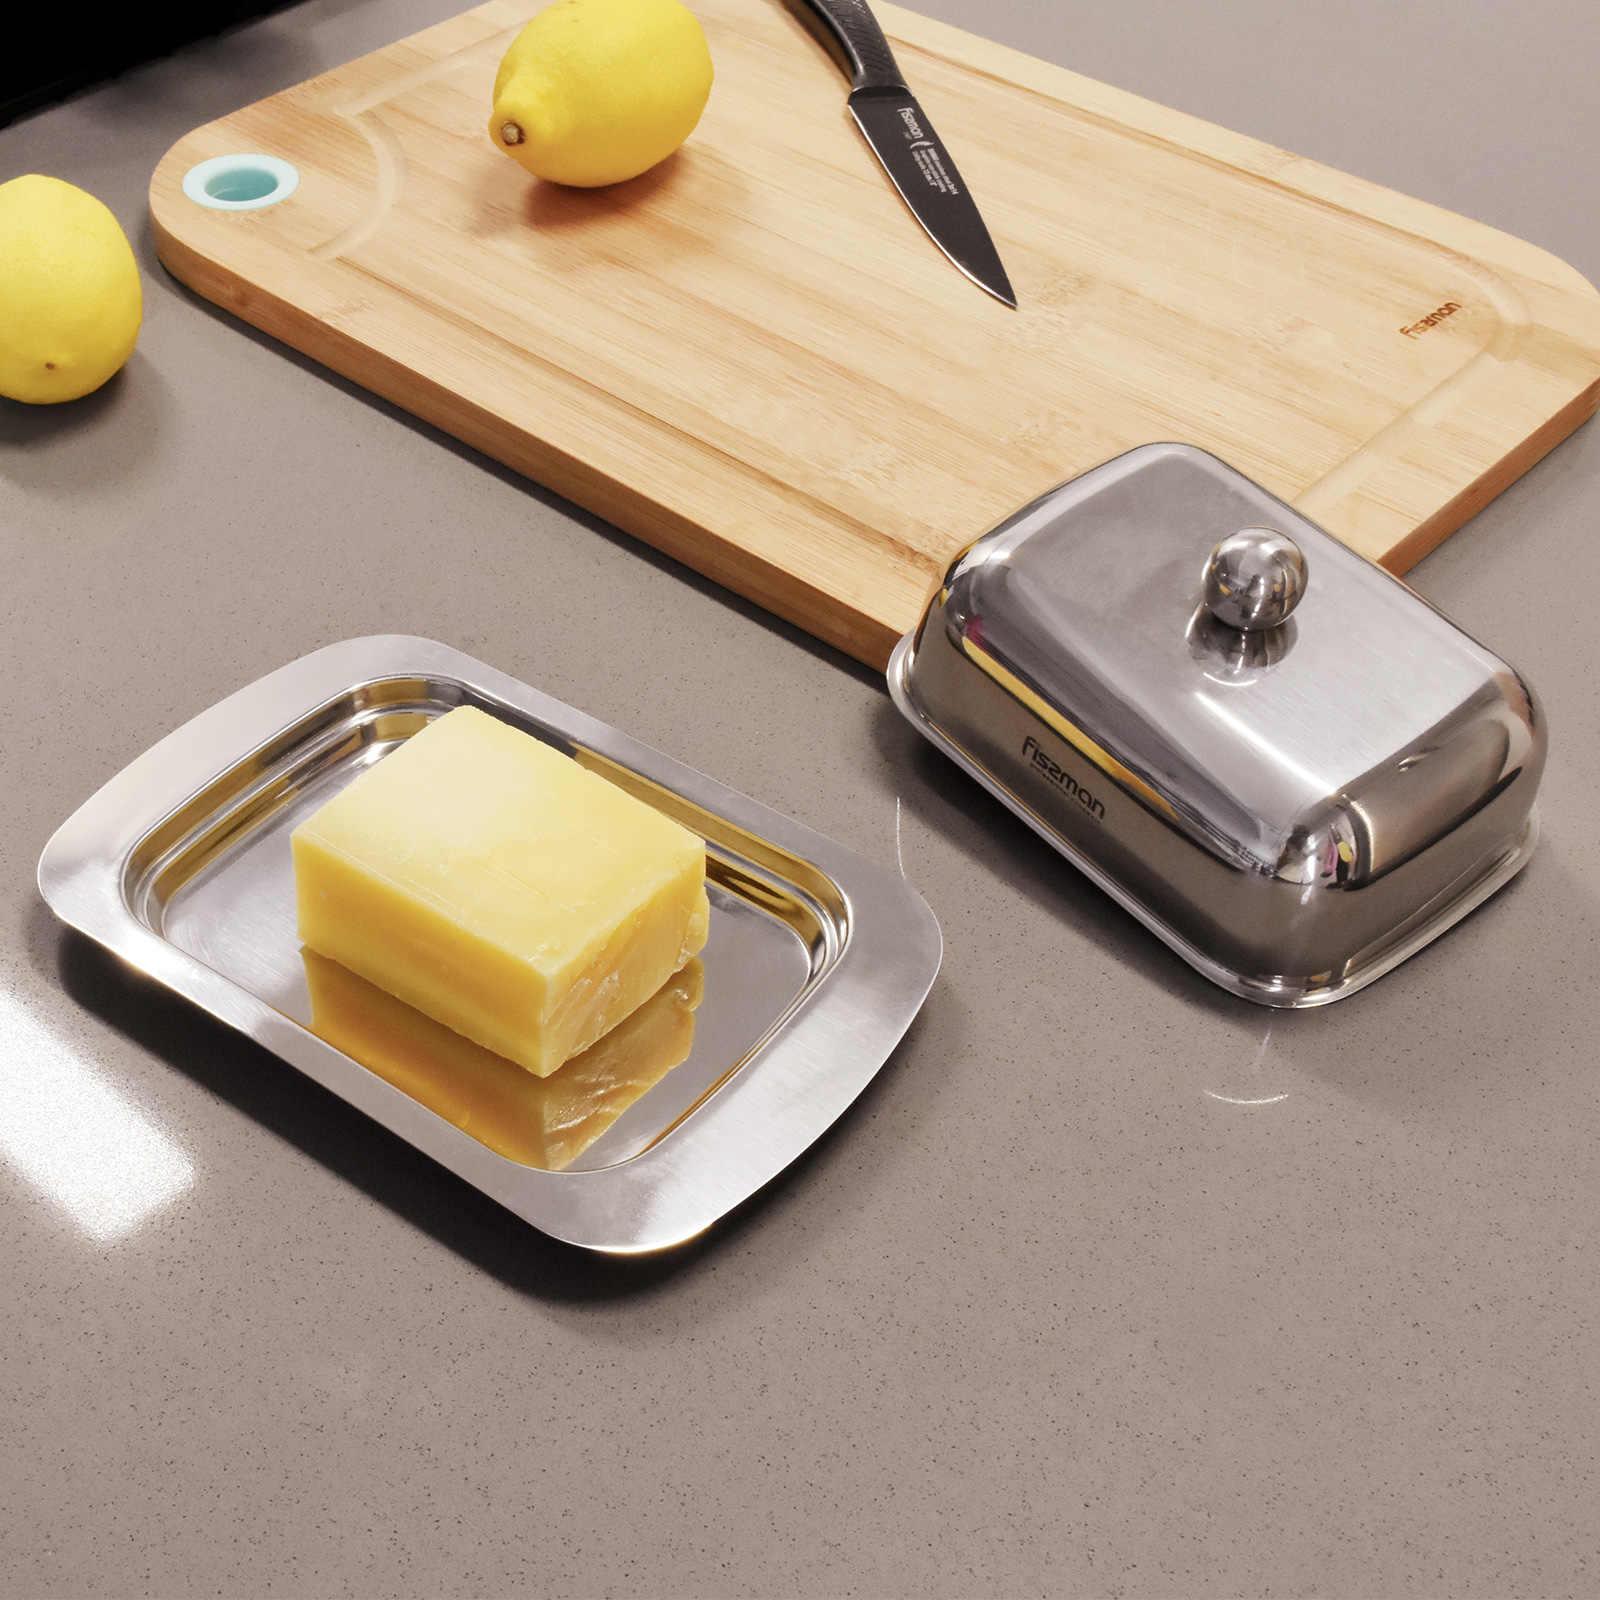 Fissman из нержавеющей стали для масла коробка для посуды контейнер для хранения сыра Сервер лоток для хранения с крышкой кухонная посуда